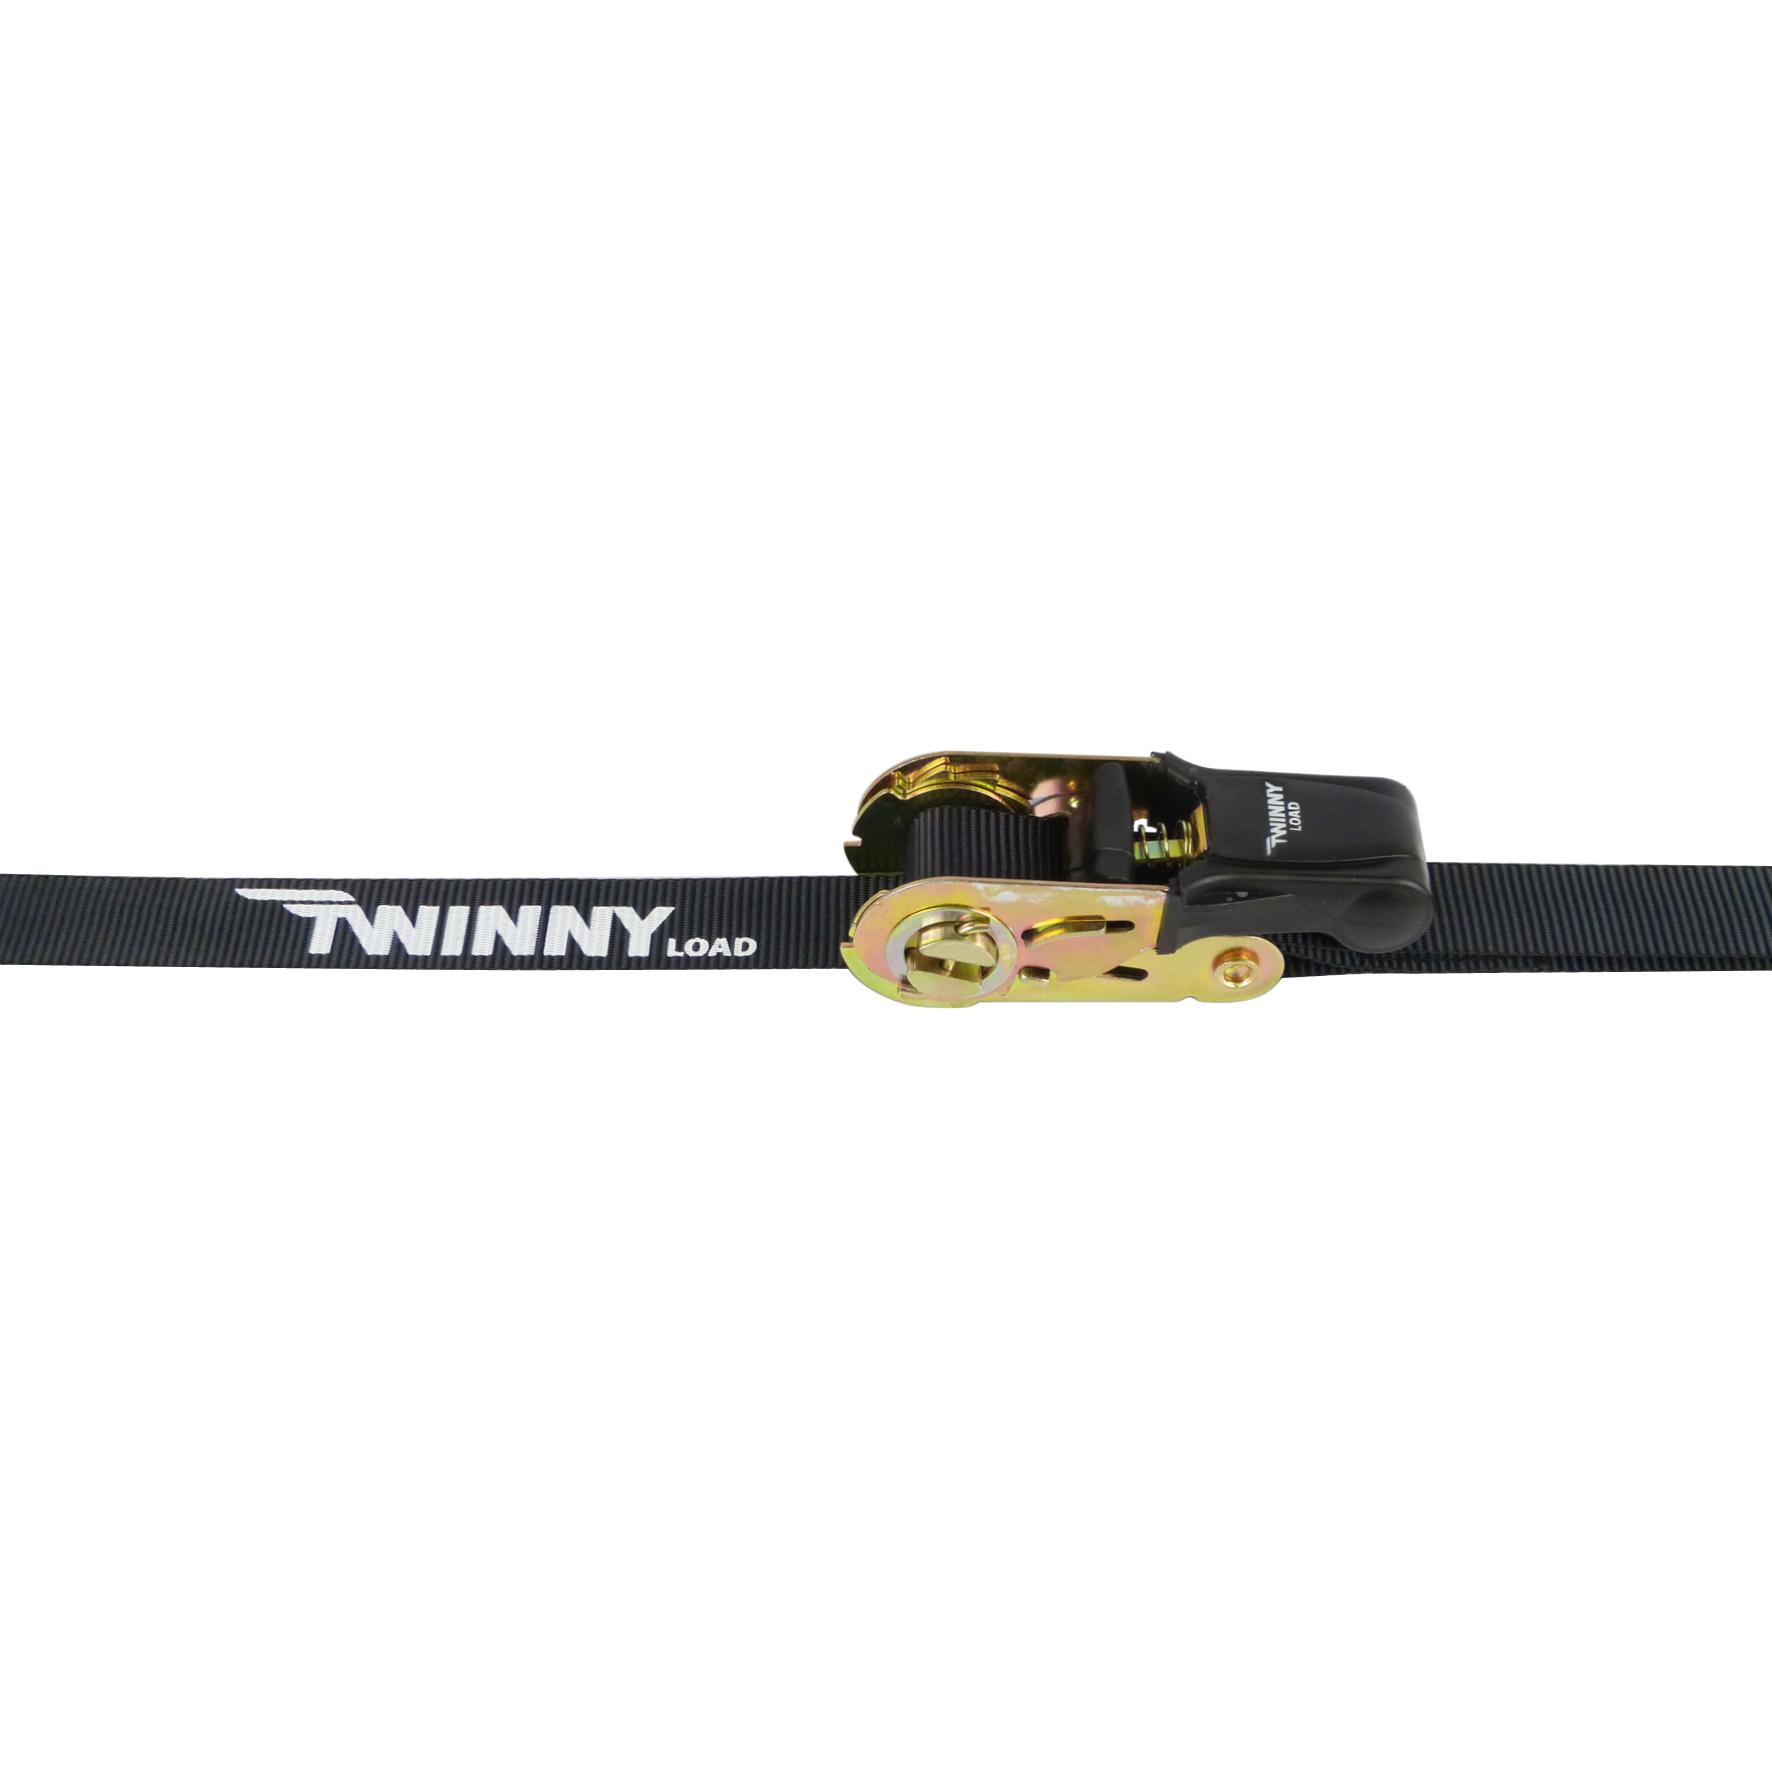 Twinny Load 627998025 Spanband 25mm x 5m